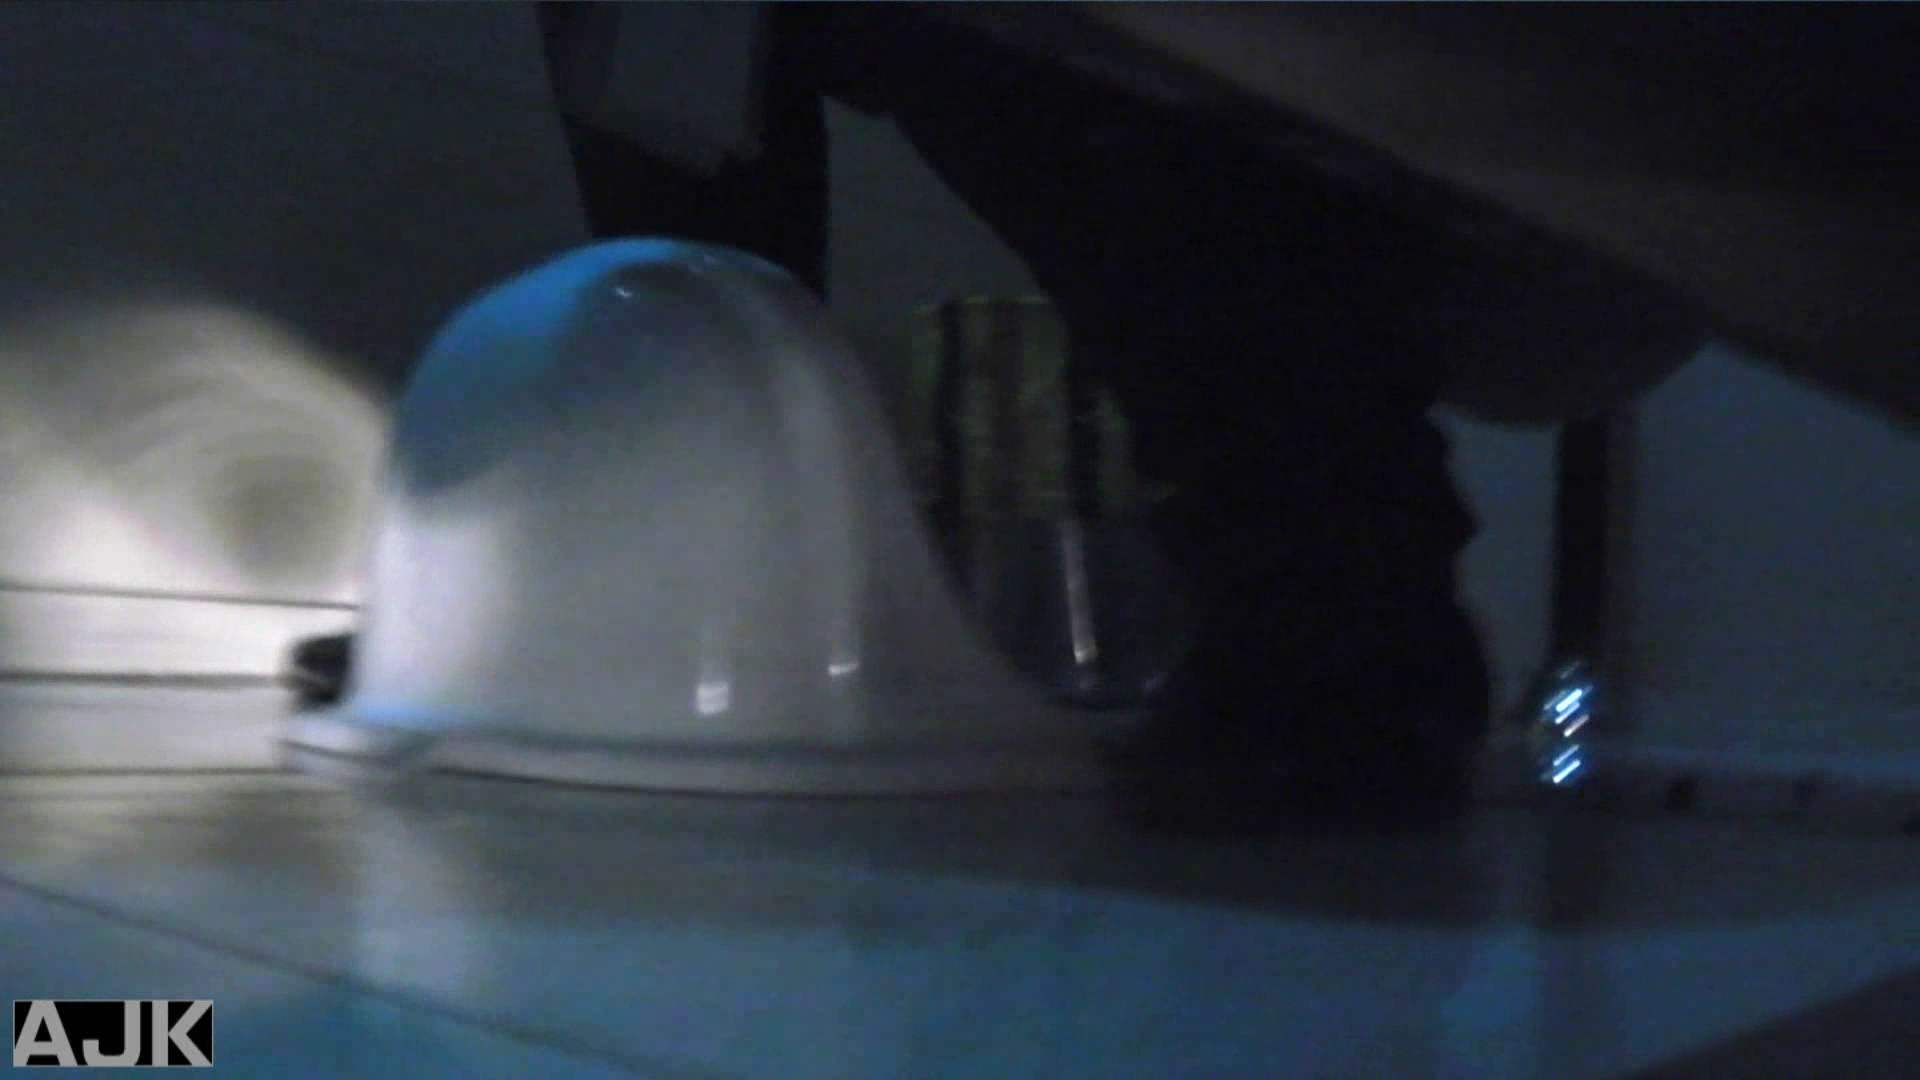 神降臨!史上最強の潜入かわや! vol.05 肛門丸見え 覗きおまんこ画像 69pic 6